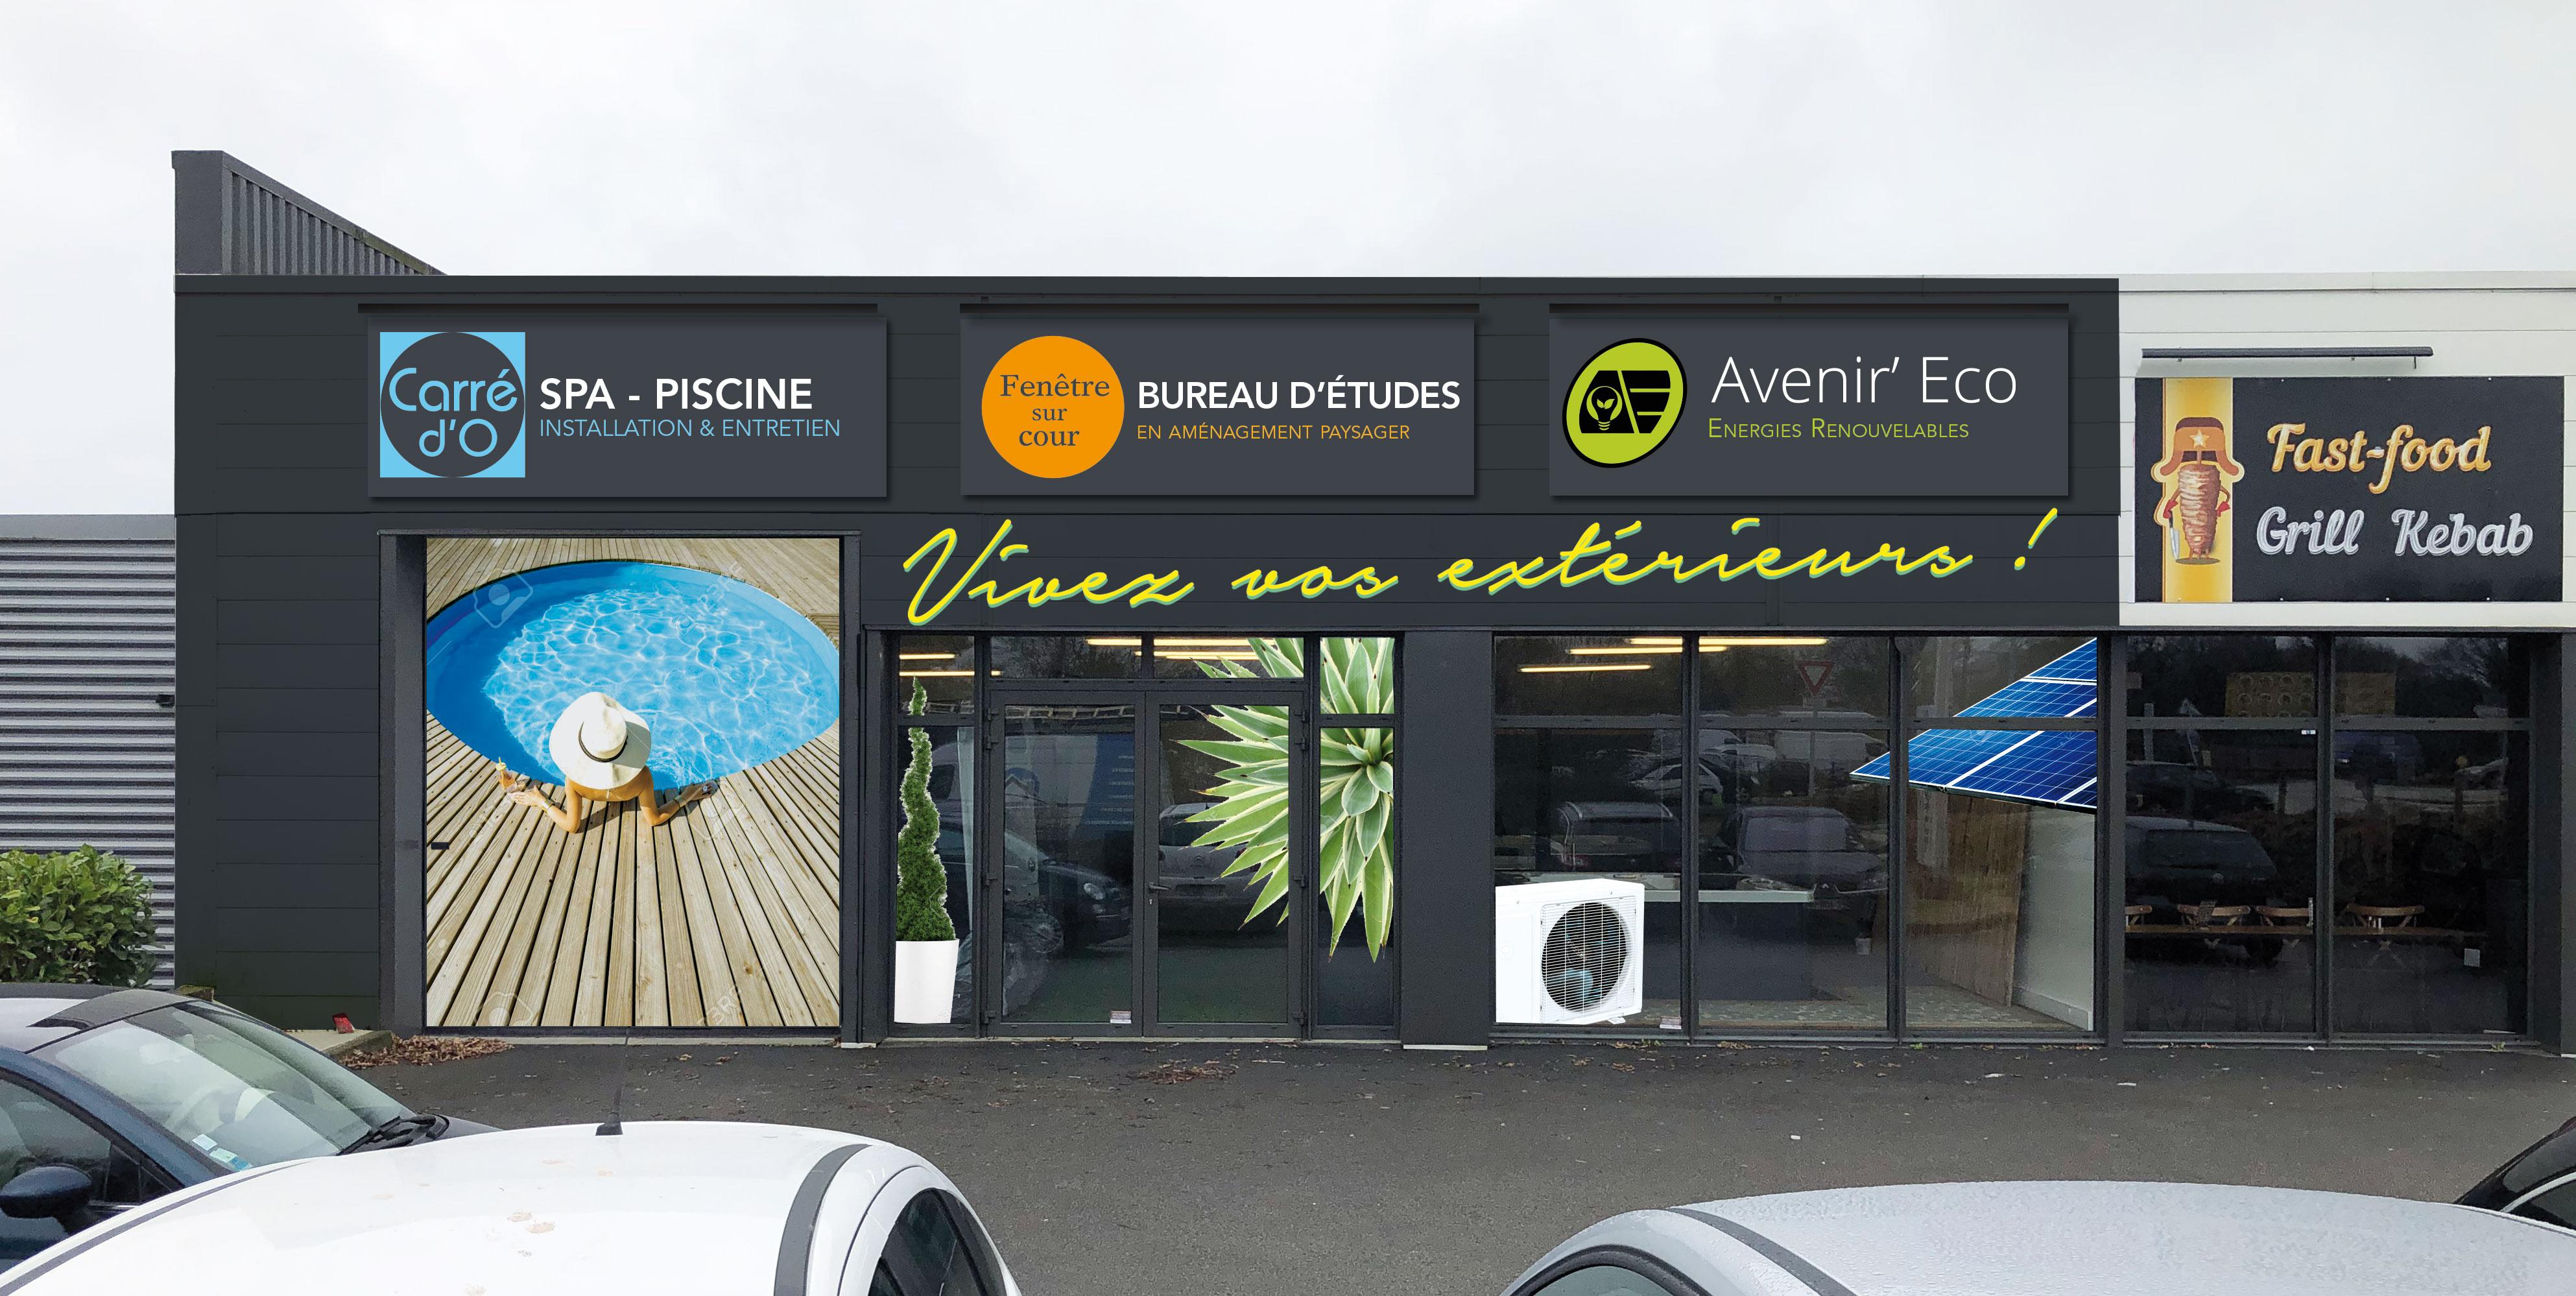 Avenir Eco Energies Renouvelables photo site